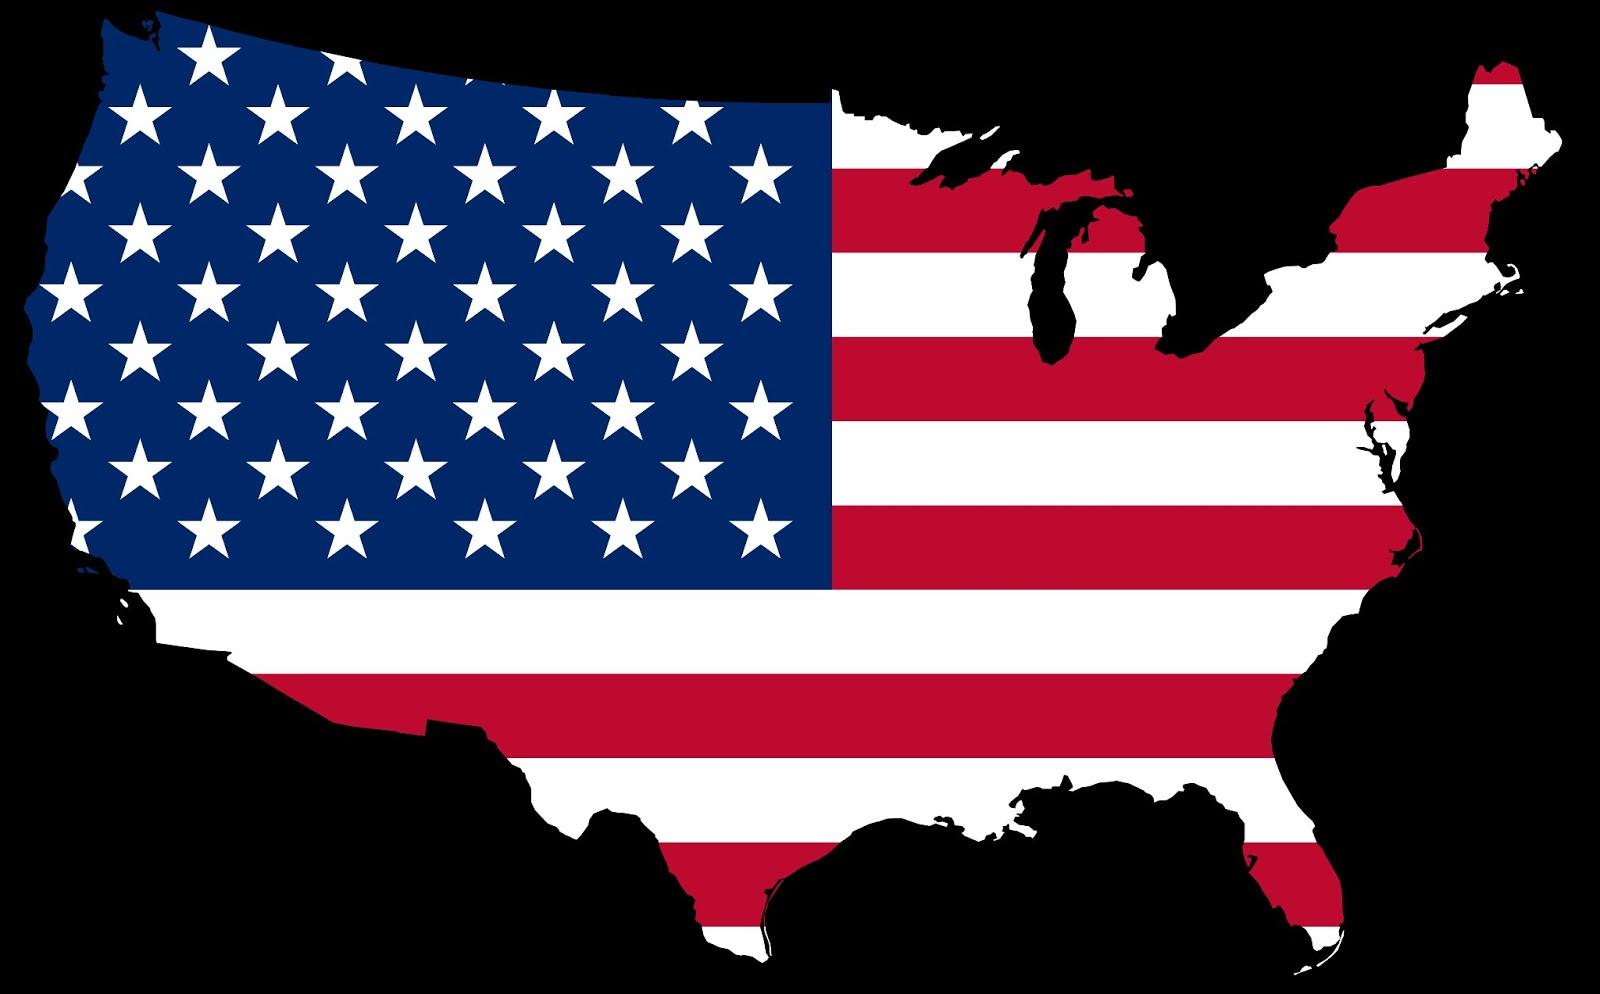 Hd wallpaper usa flag - Usa Flag Hd Wallpapers Free Download Fine Hd Wallpapers Download